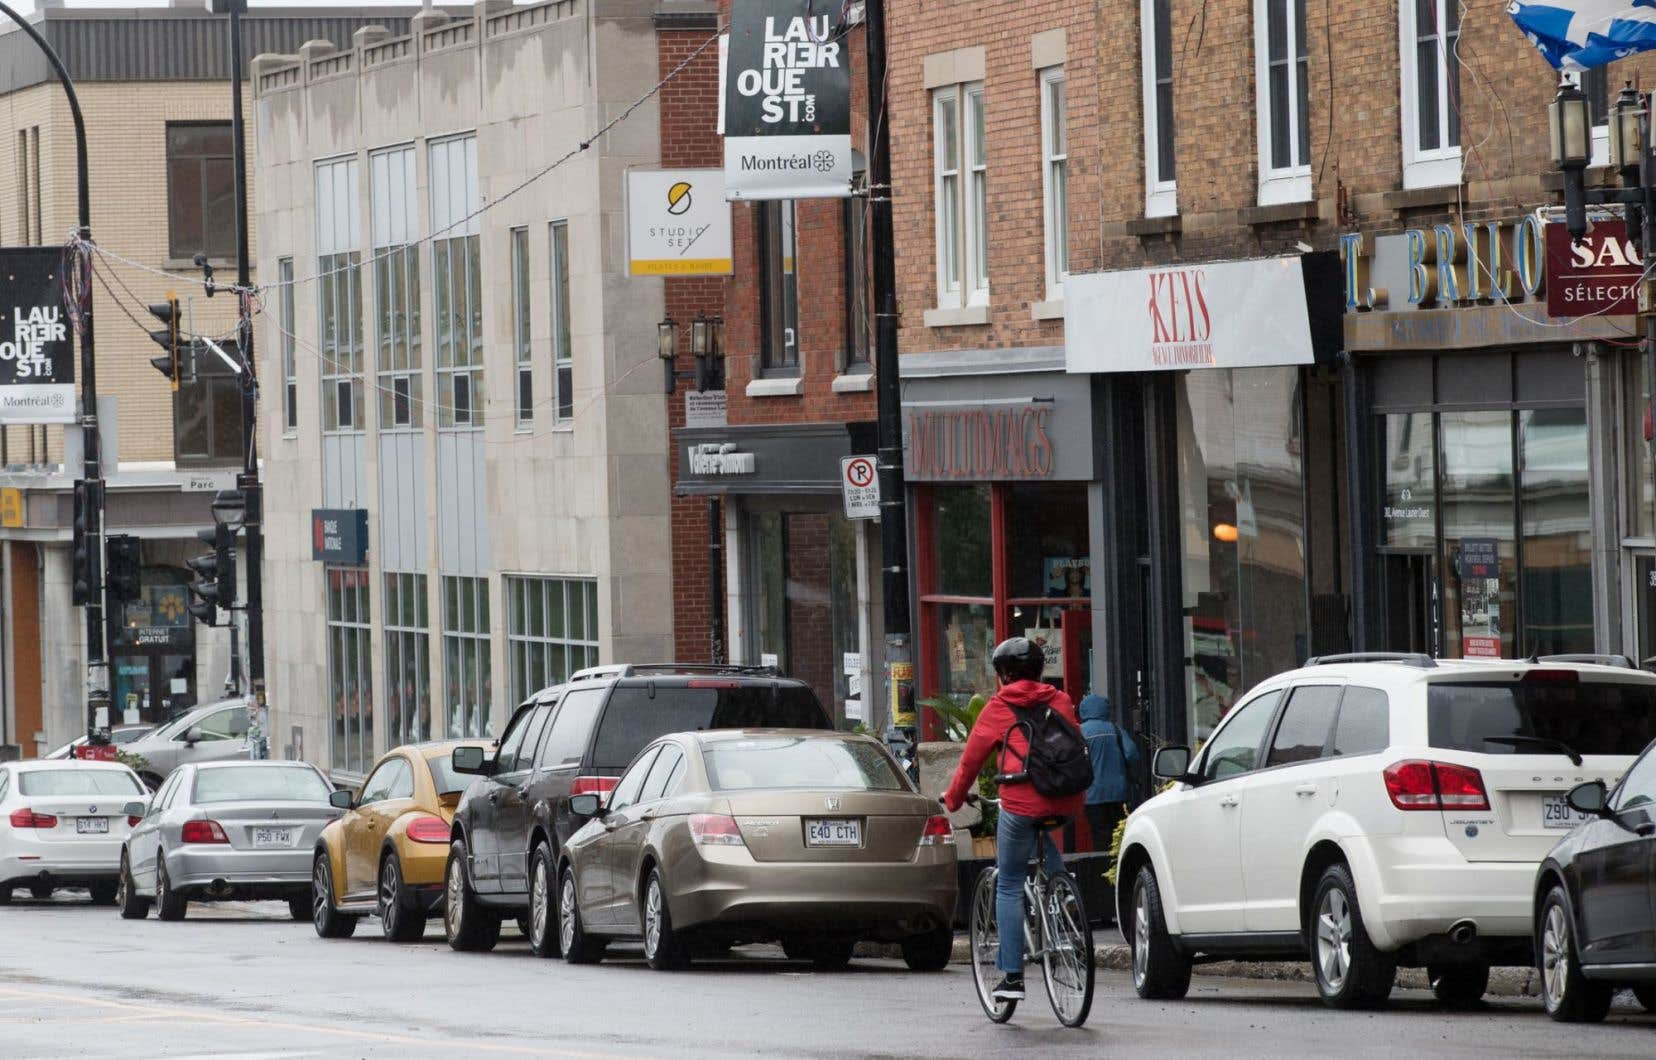 L'administration Coderre avait annoncé en 2015 que, dans le cadre de la réfection de l'avenue Laurier, un espace de 1,5 mètre entre la chaussée et le trottoir serait réservé à la mise en place d'une voie cyclable.